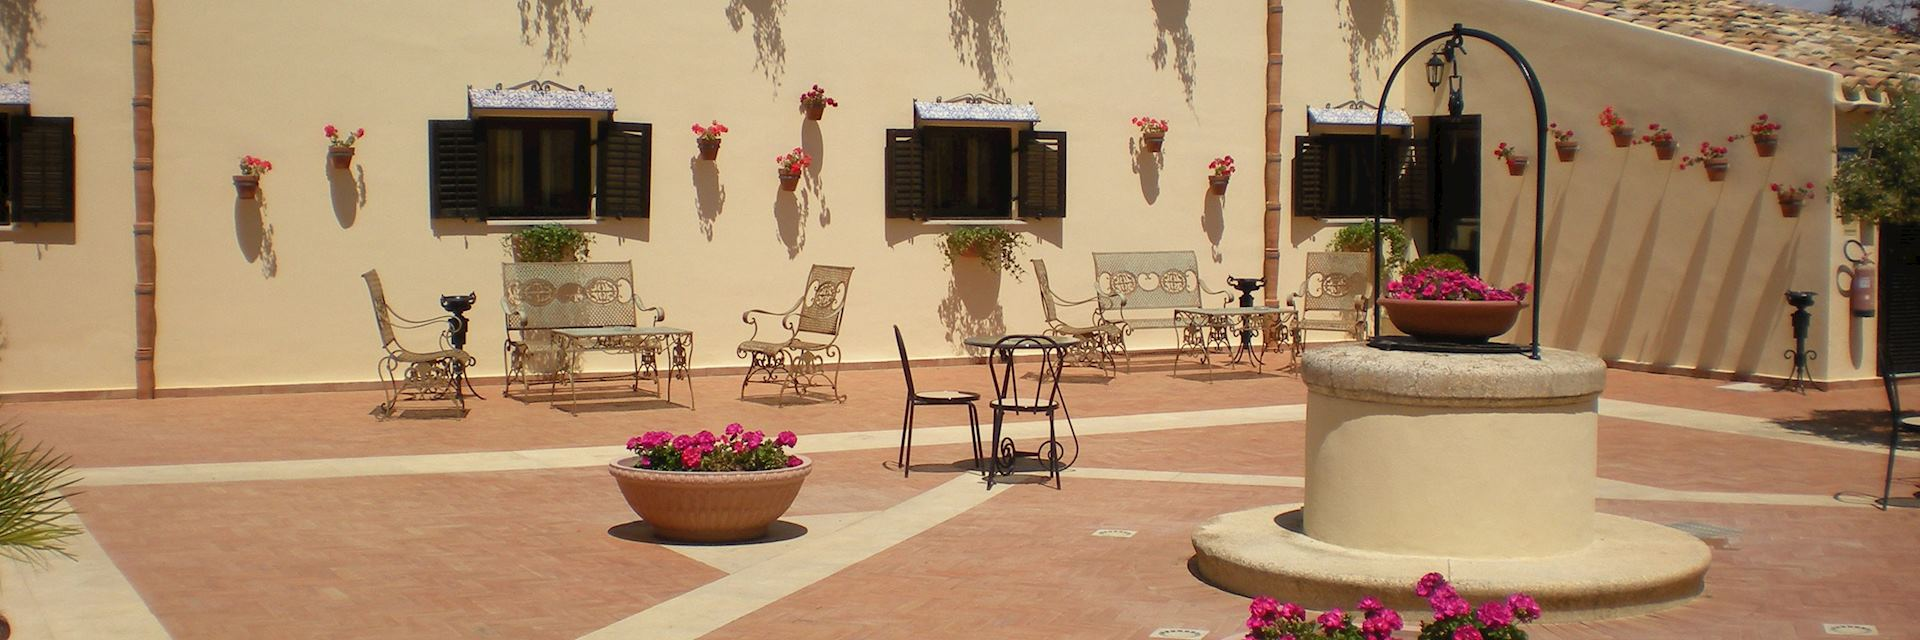 Hotel Foresteria Baglio della Luna, Sicily